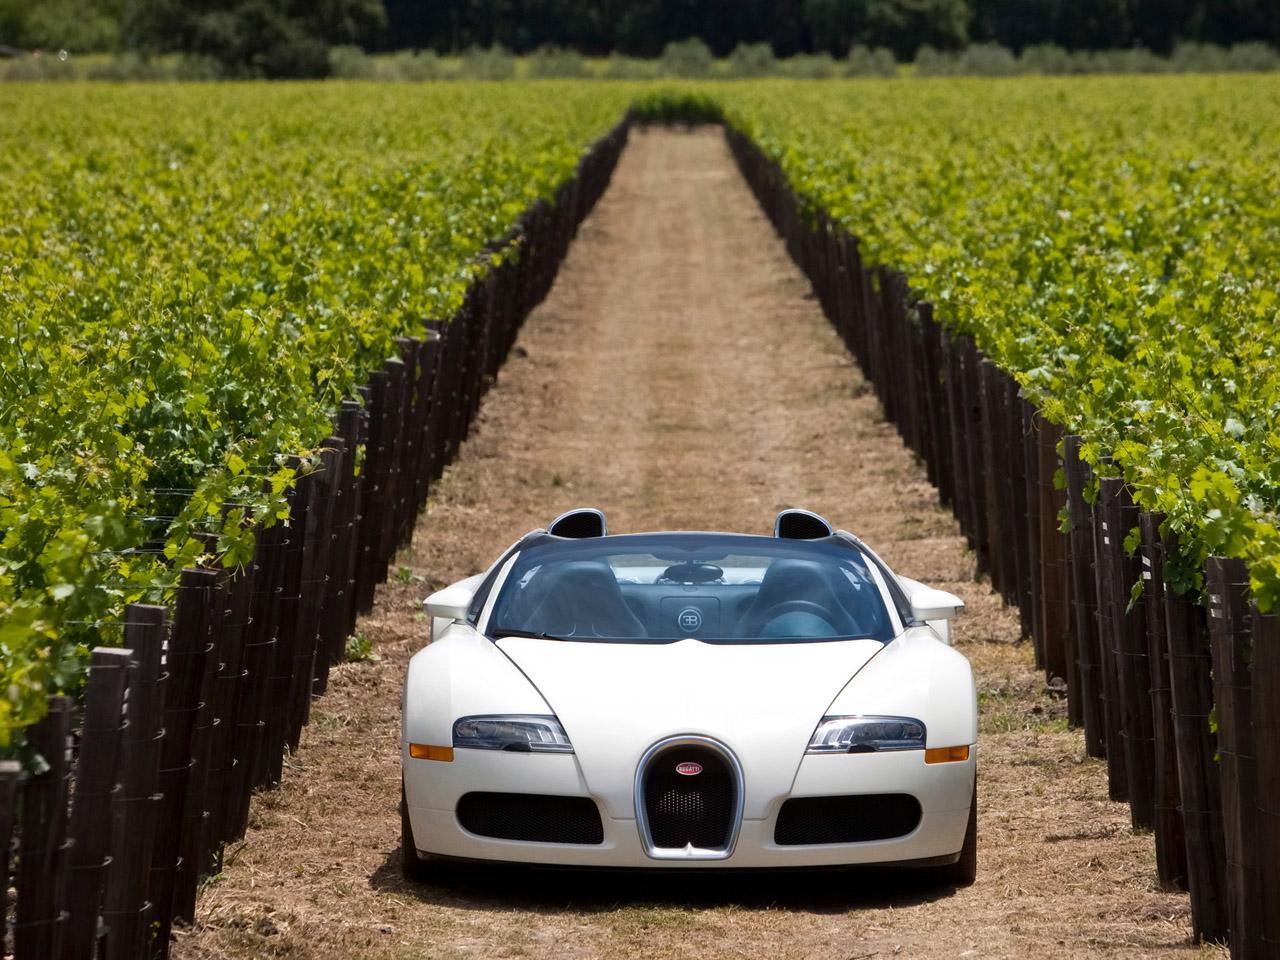 2010 Bugatti Veyron 16.4 Grand Sport in Napa Valley